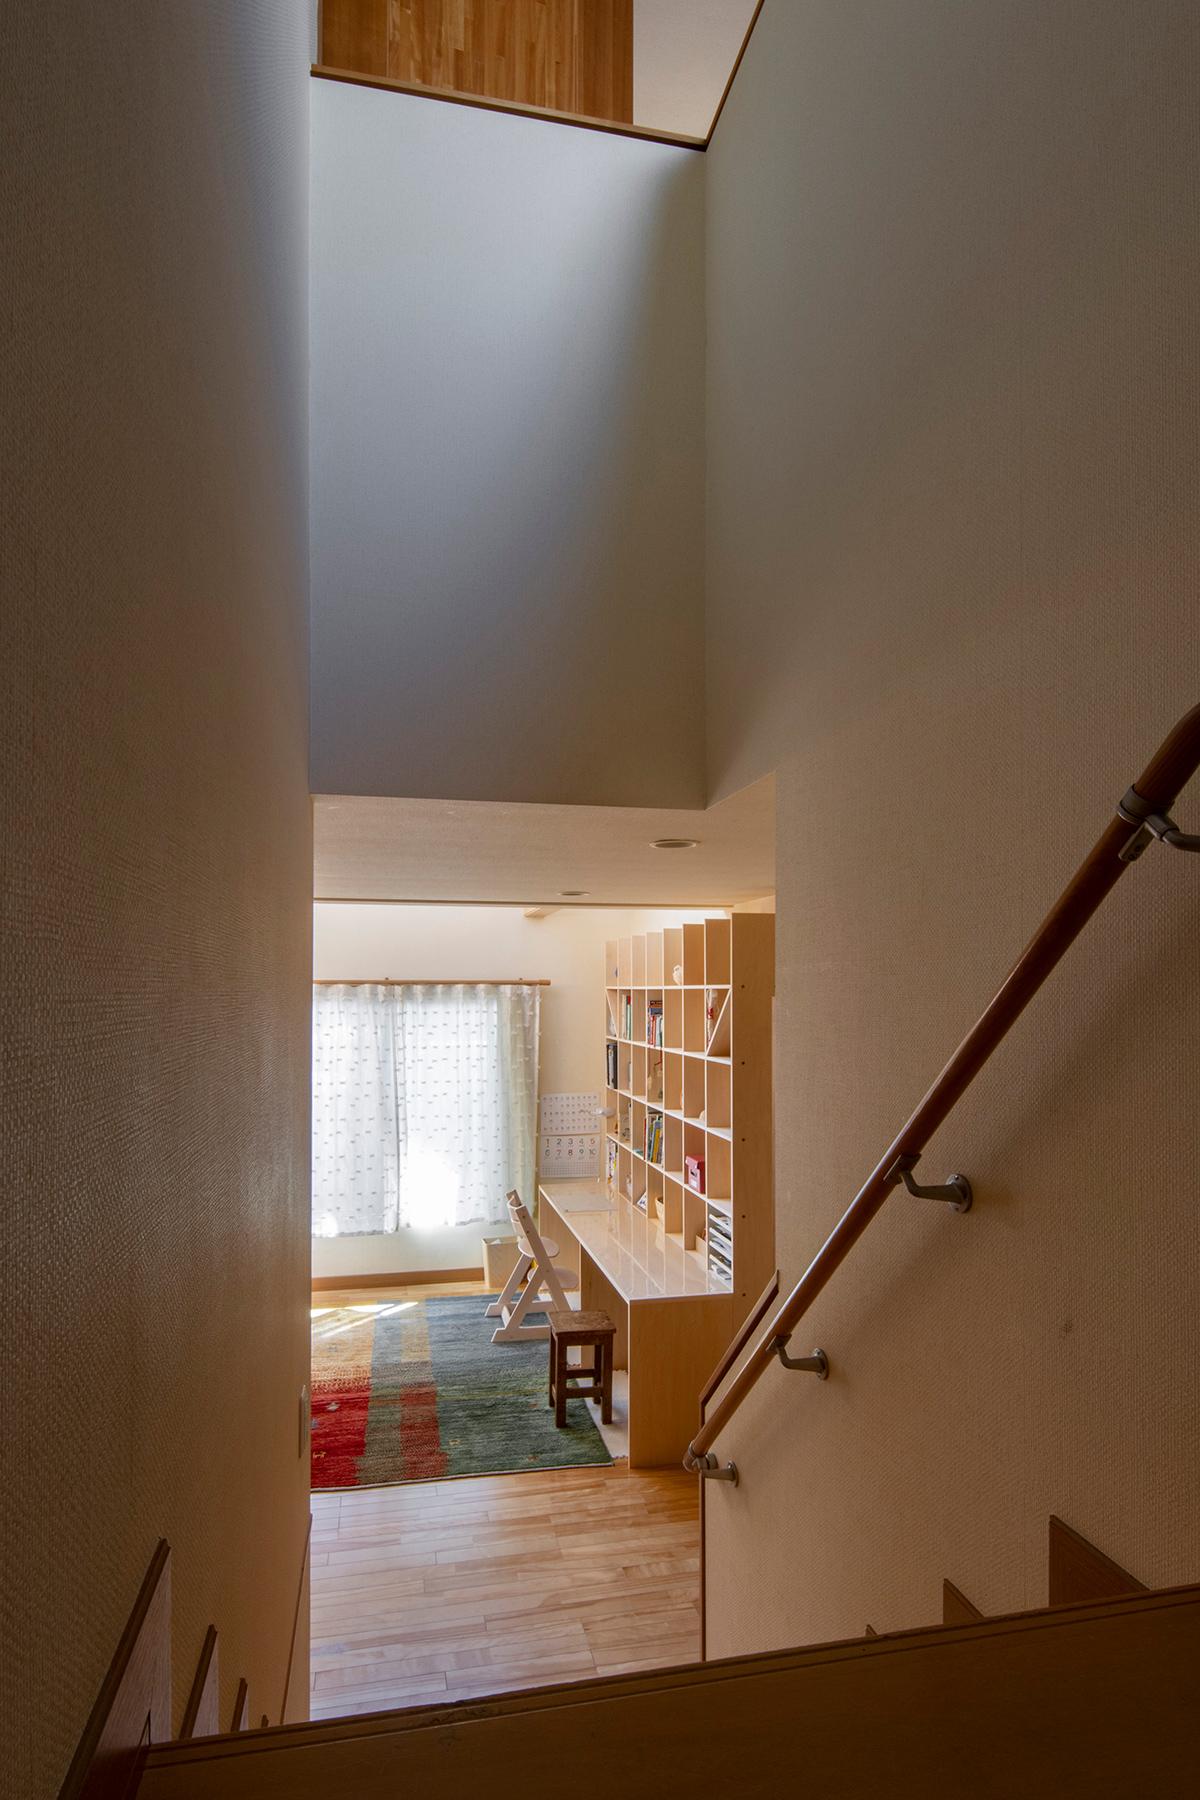 柔らかい光の入る吹き抜けに   カウンター付き本棚 / Shelf (No.36)   マルゲリータ使用例